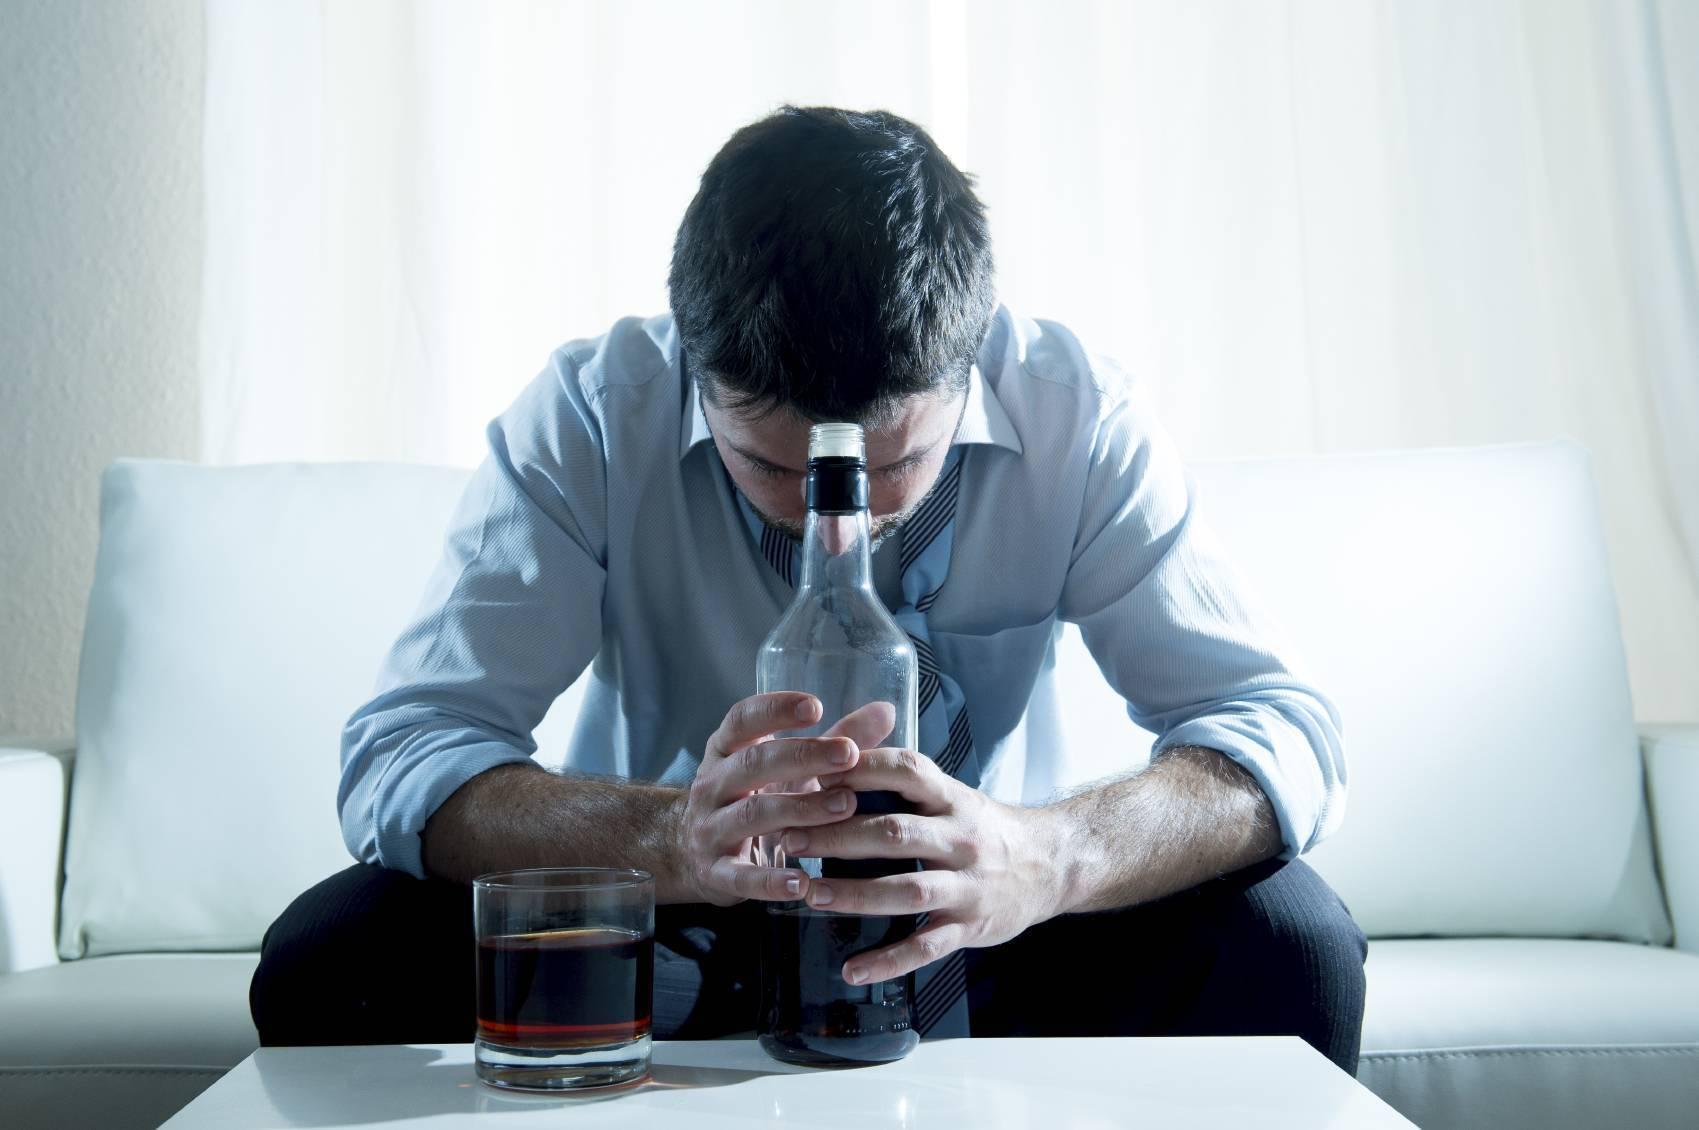 Отравление корвалолом: симптомы, последствия, что делать?